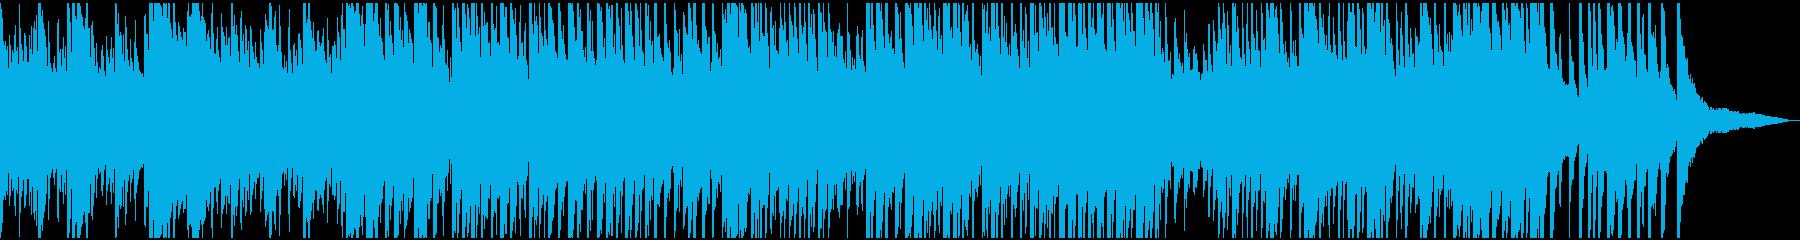 製品紹介・CM 明るく壮大なピアノソロの再生済みの波形